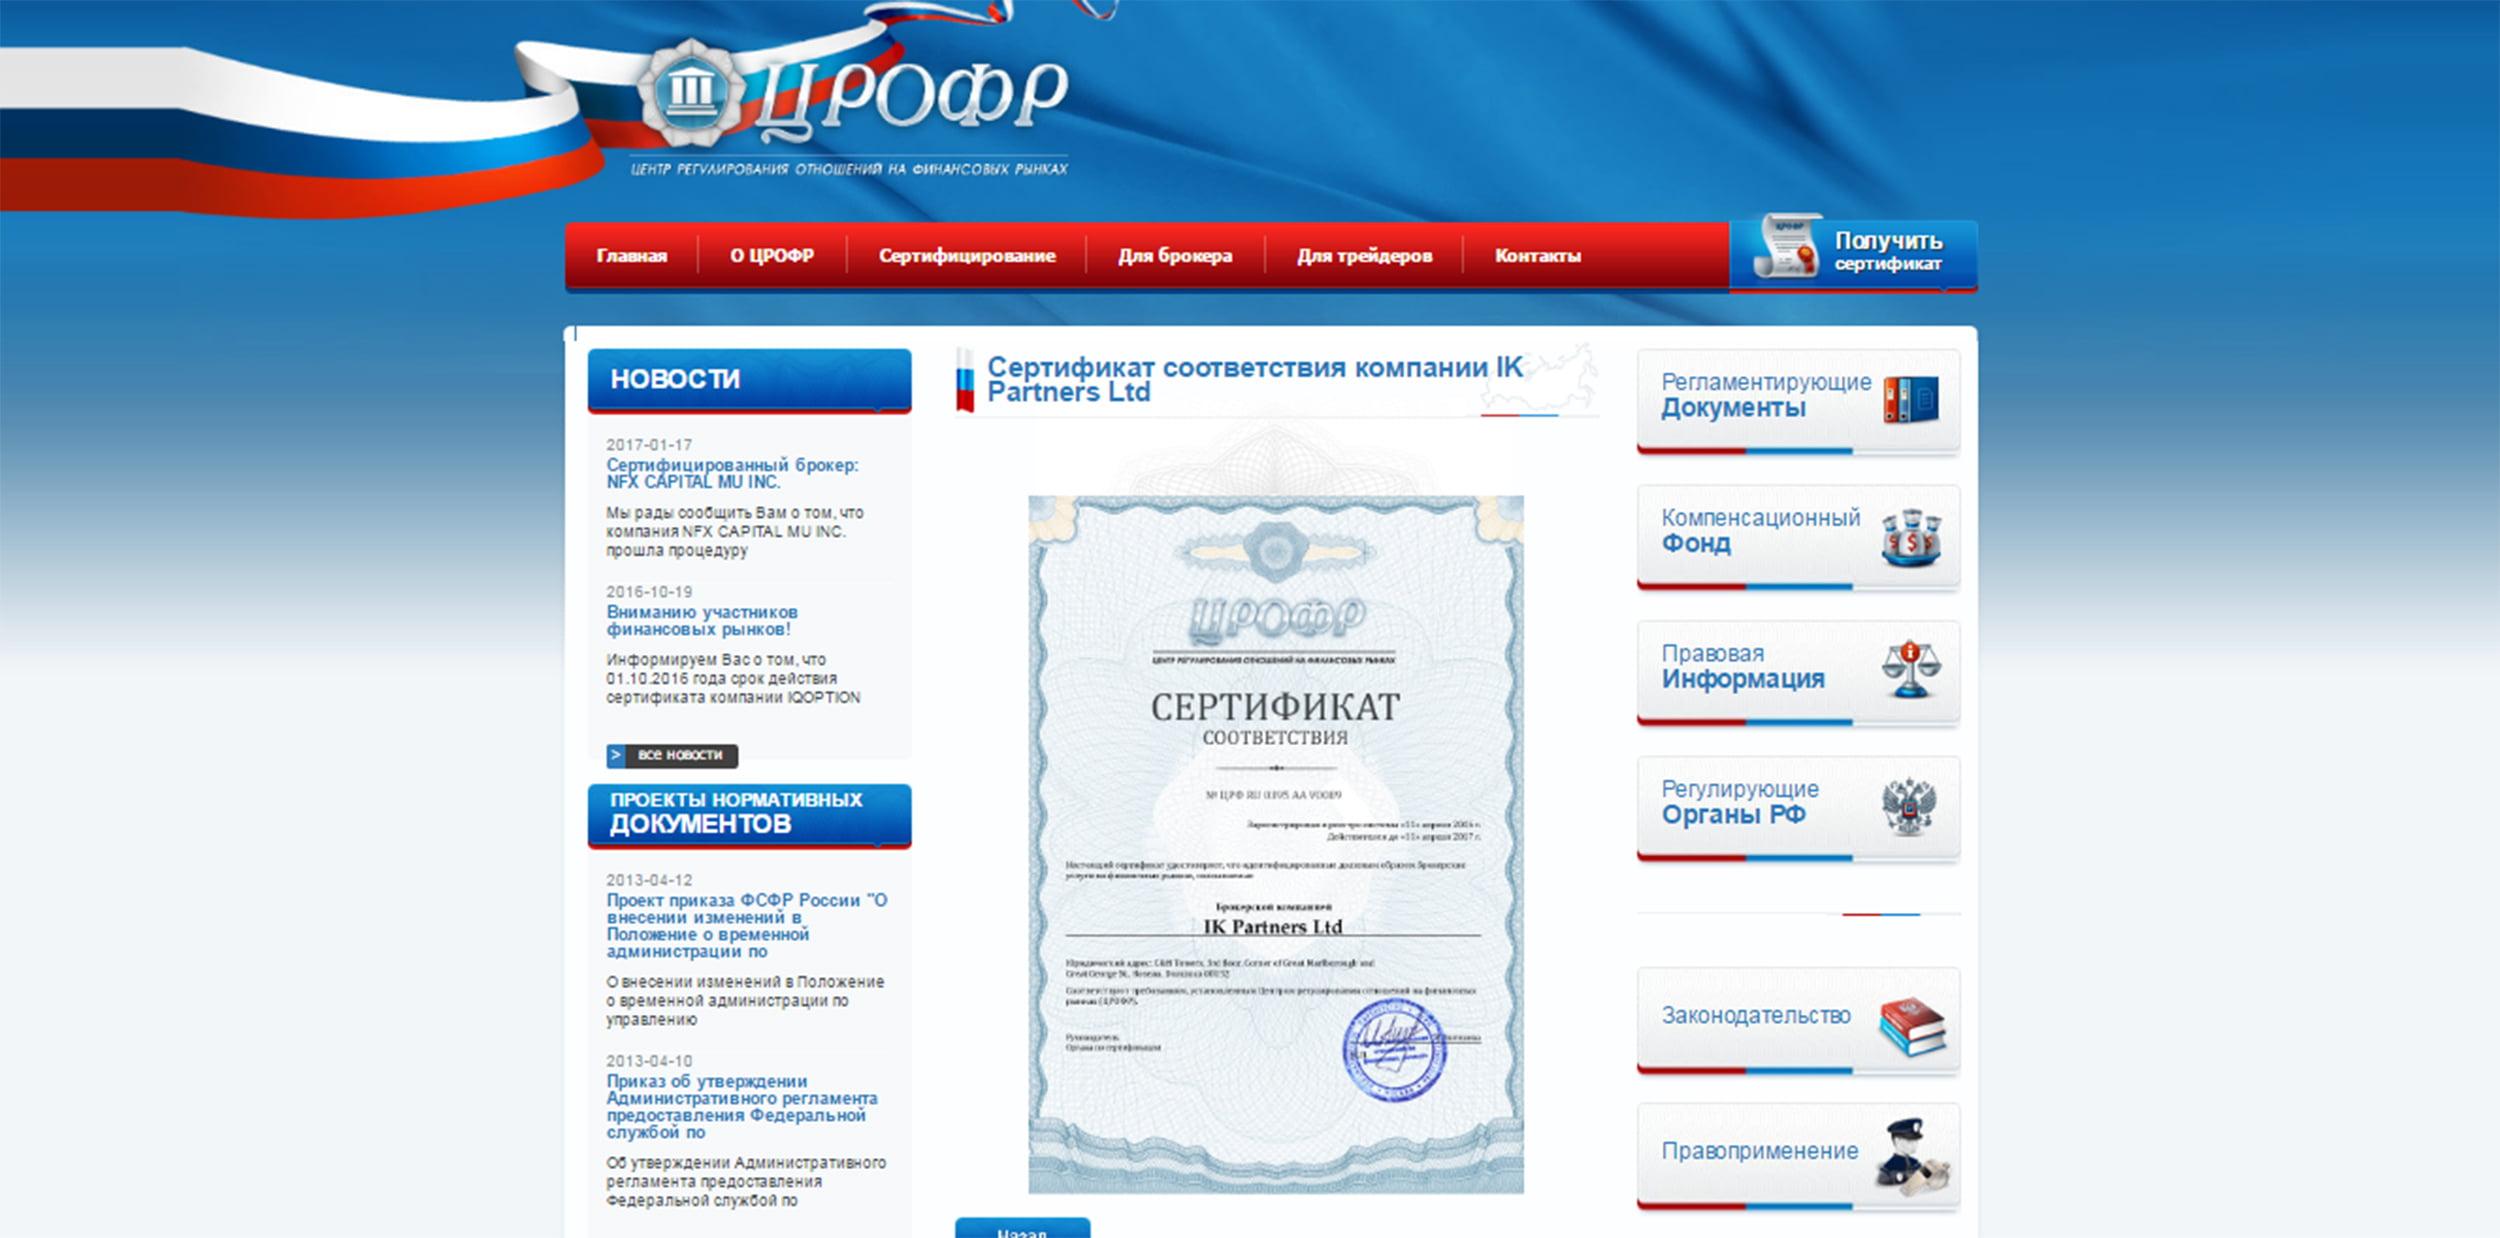 Сайт регулятора ЦРОФР